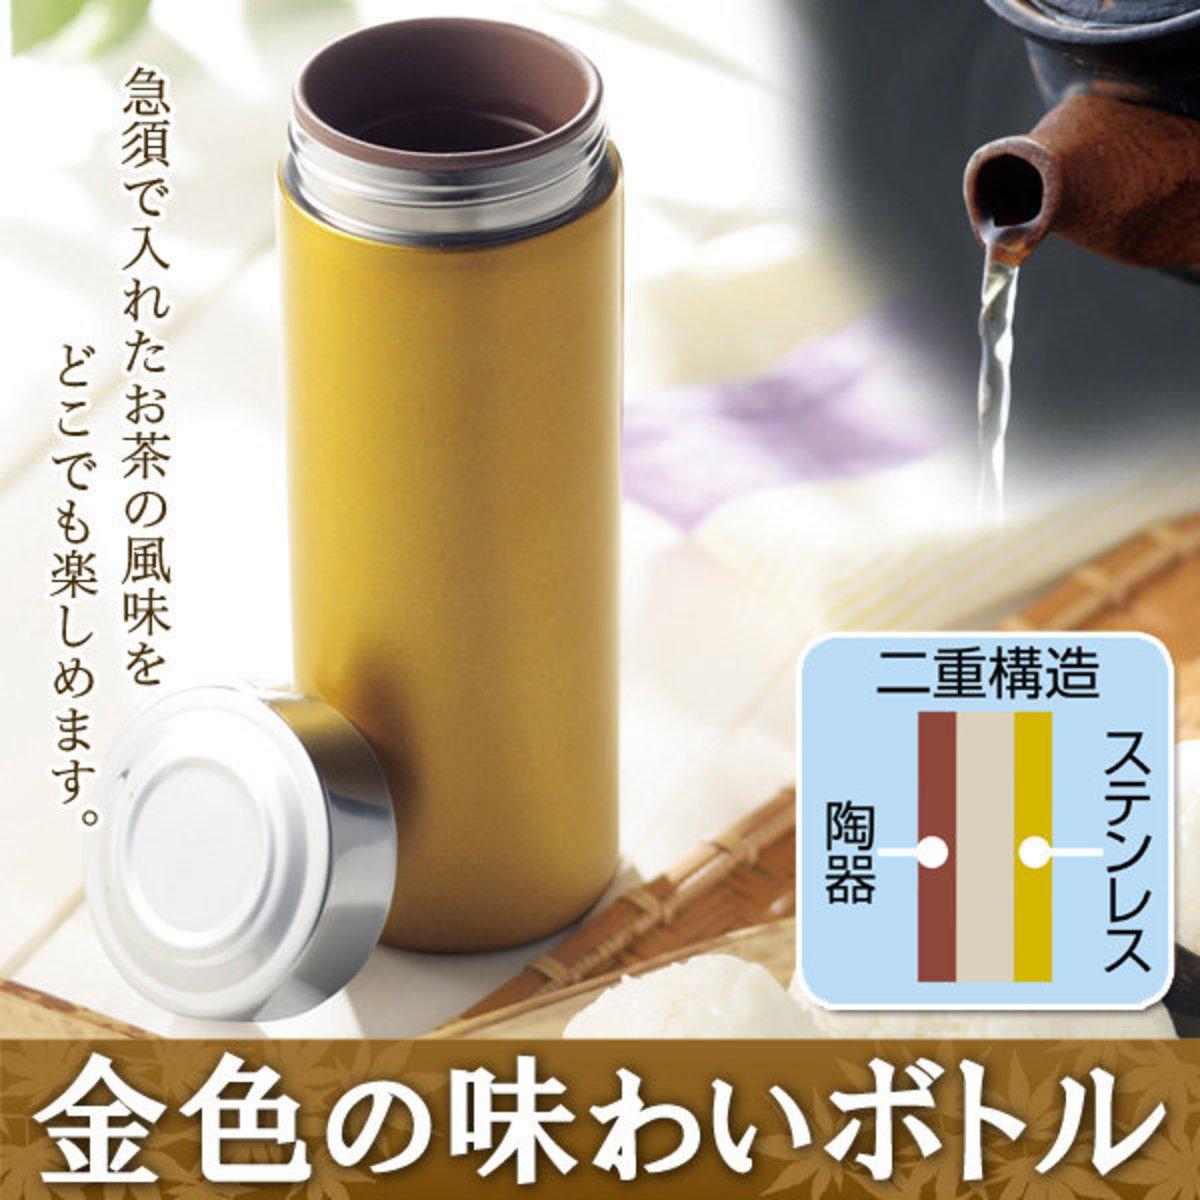 Japan Golden Stainless Steel Mug with Ceramic Inner Coating